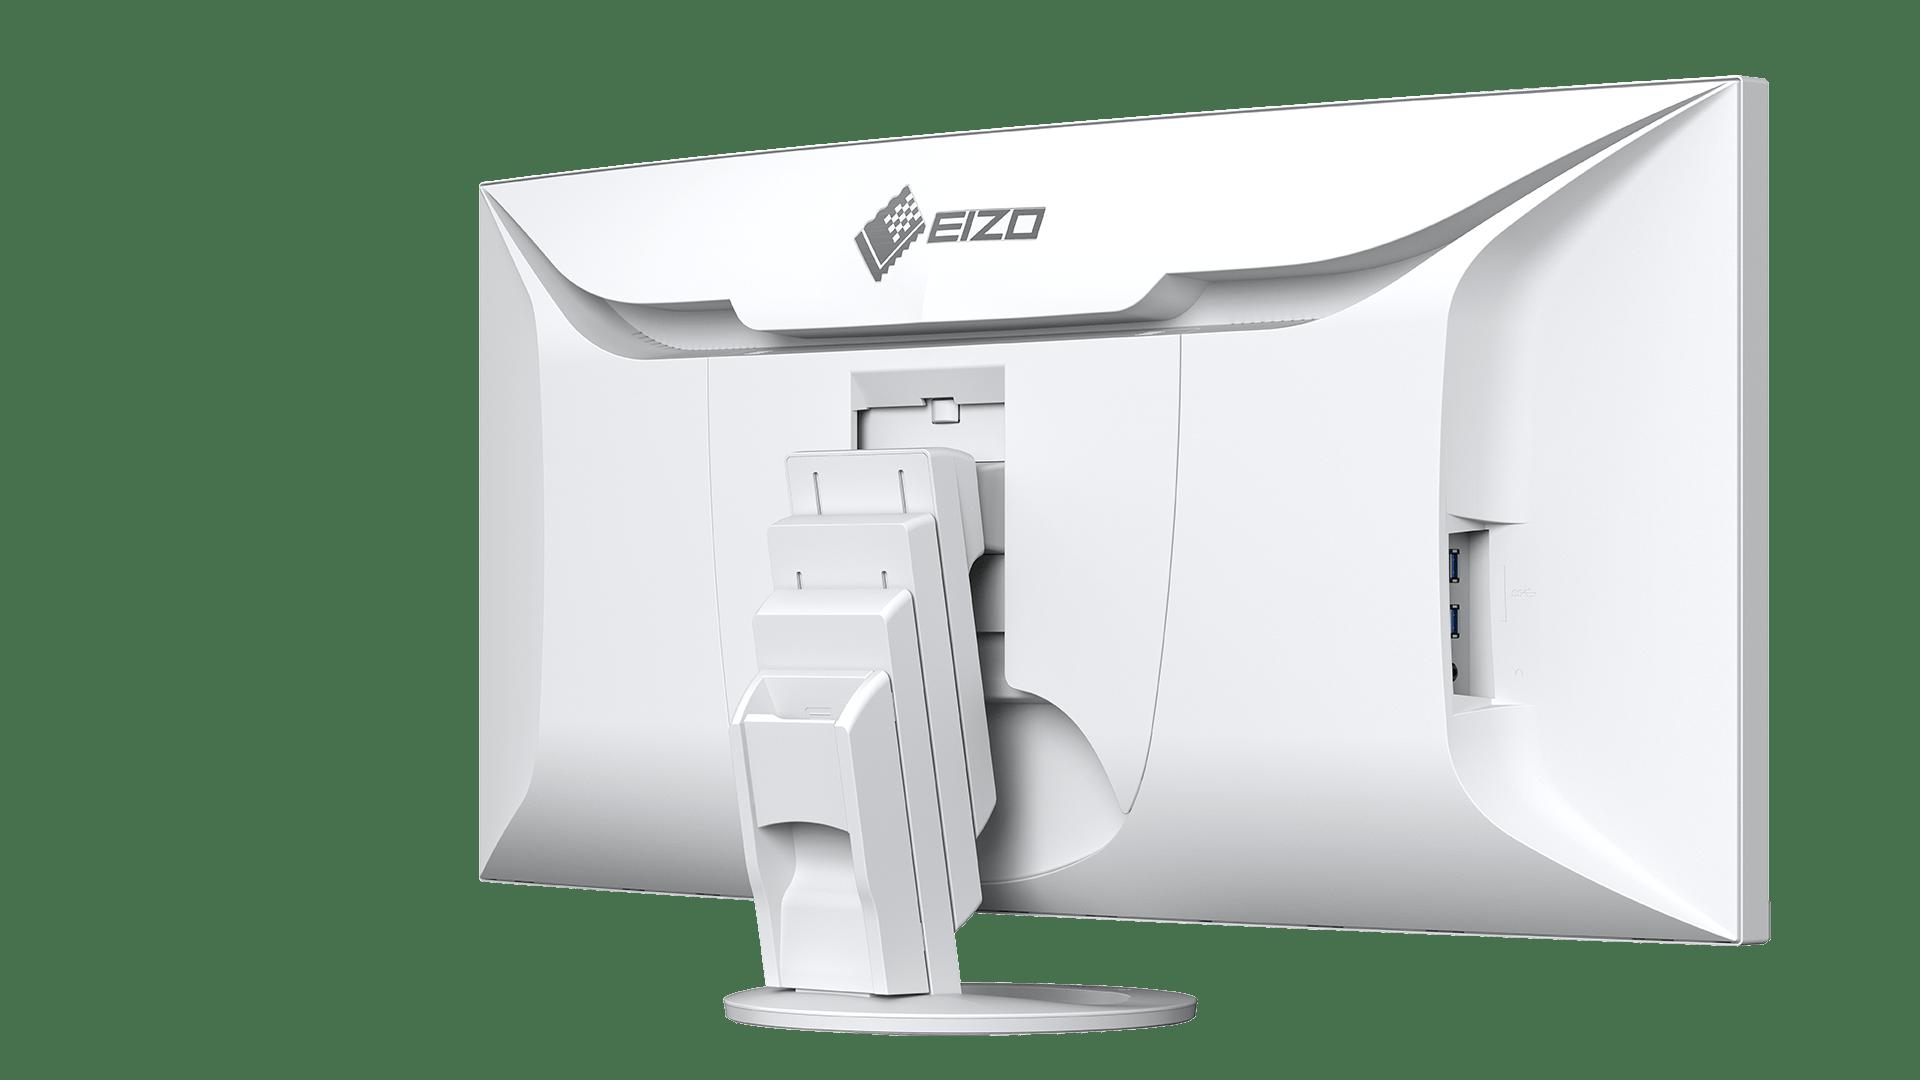 projekter_industrial_design_eizo_produktvisualisierung